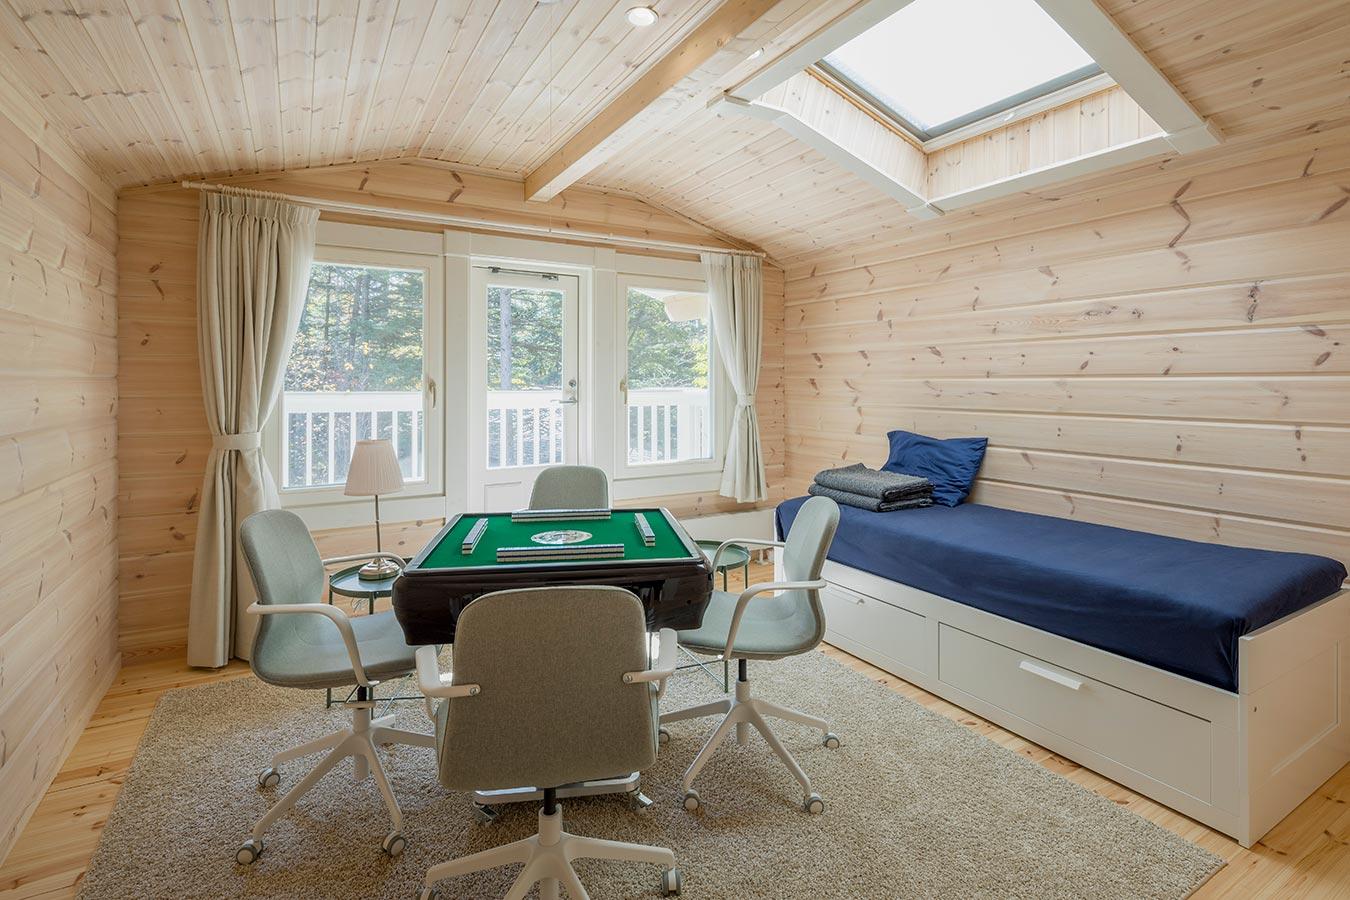 趣味の麻雀を存分に楽しめるよう簡易ベッドも設置。